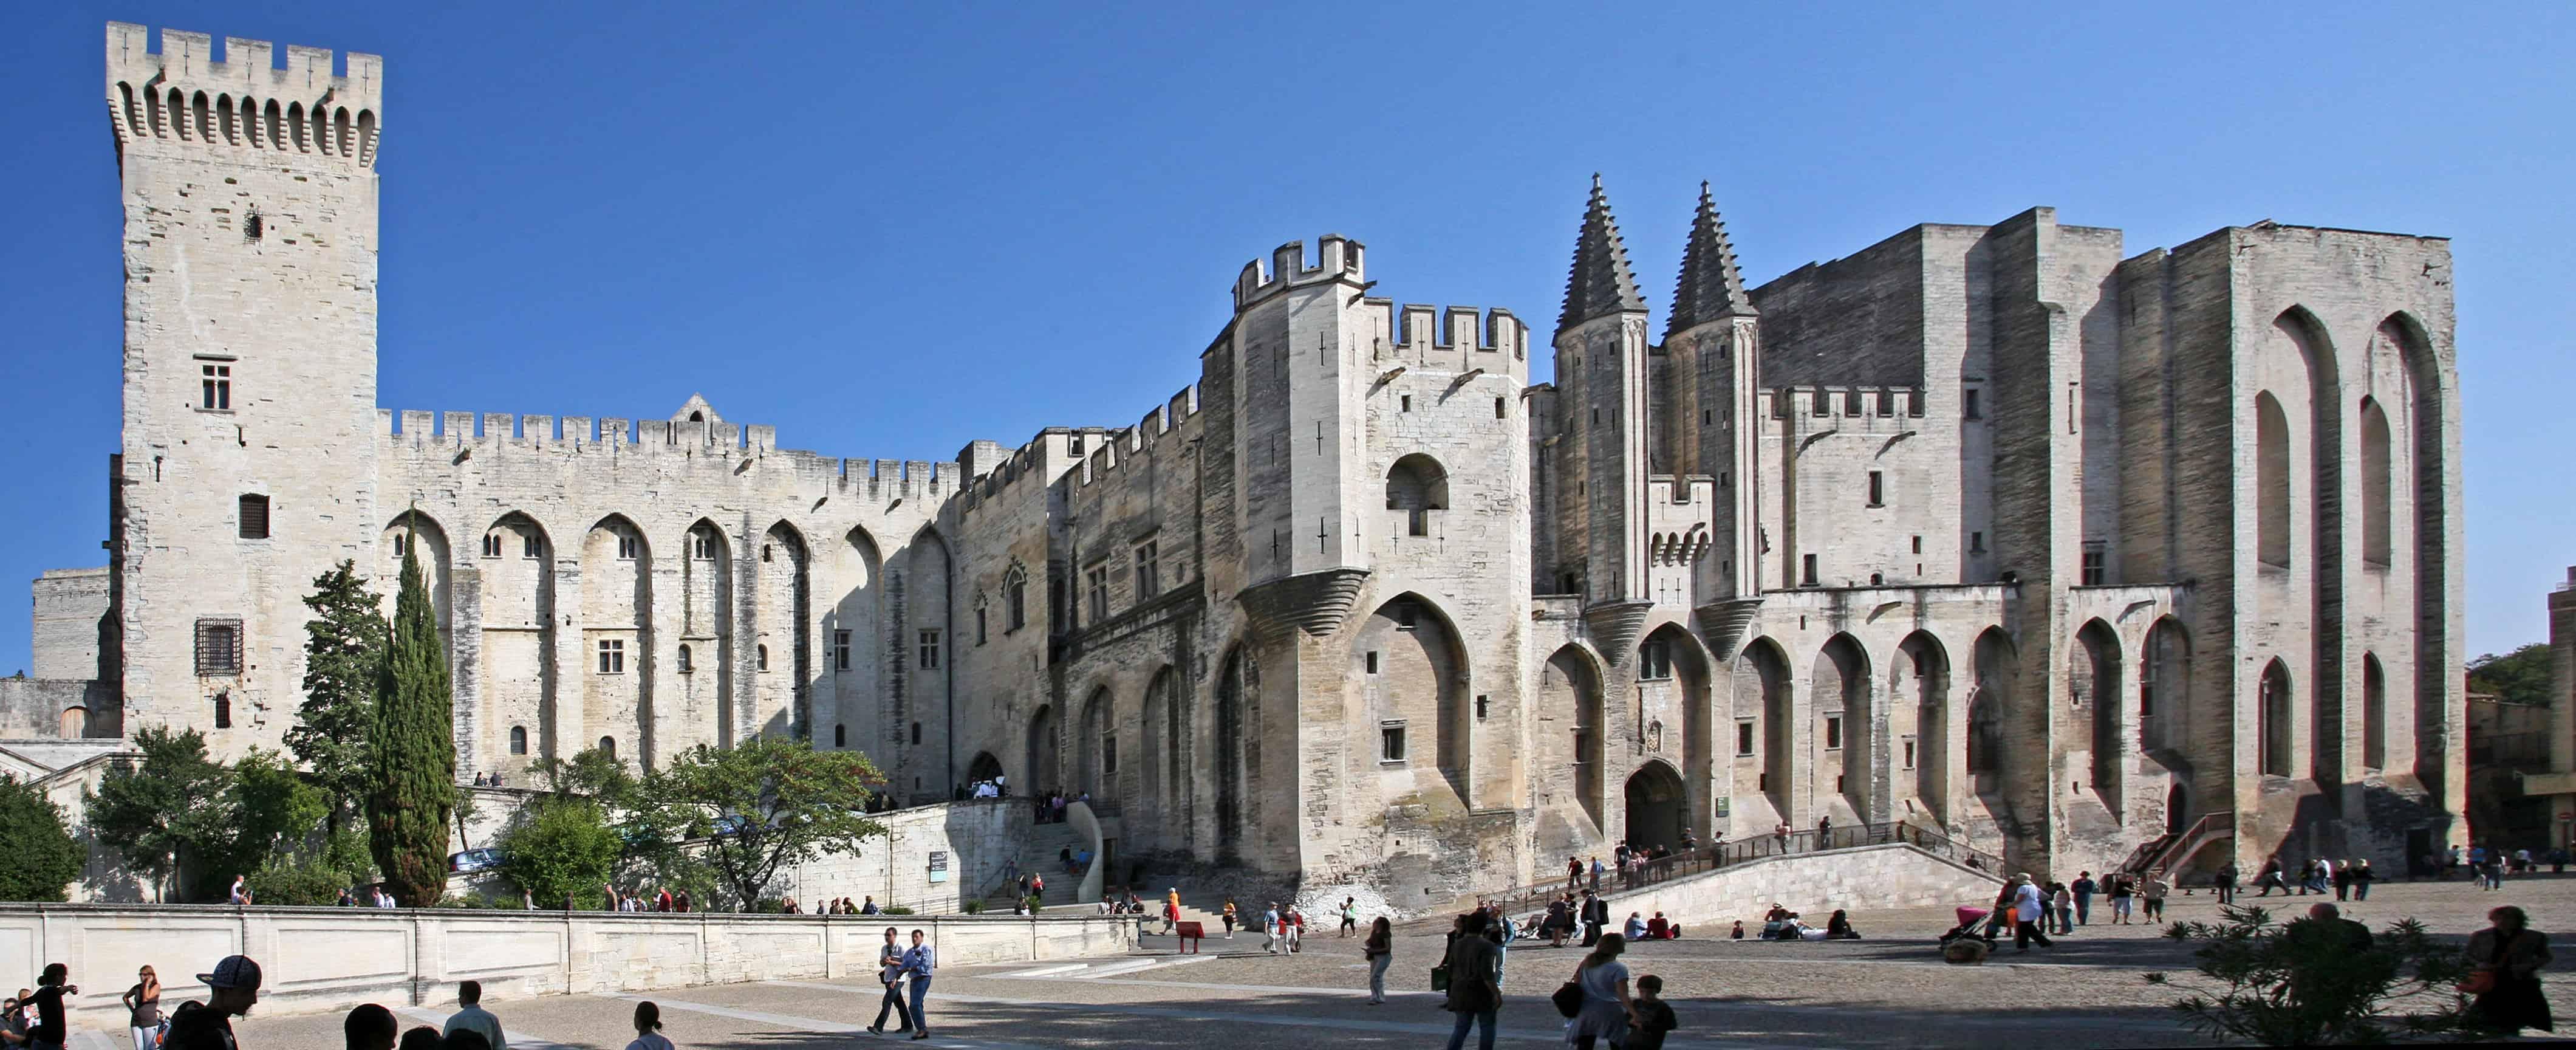 Pope's Palace in Avignon, Lavendel i Provence, Aix-en-Provence, romantisk tur til Provence, ting å gjøre i Provence, langhelg i Provence, weekendtur til Provence, ferie i Provence, dagsturer fra Aix-en-Provence